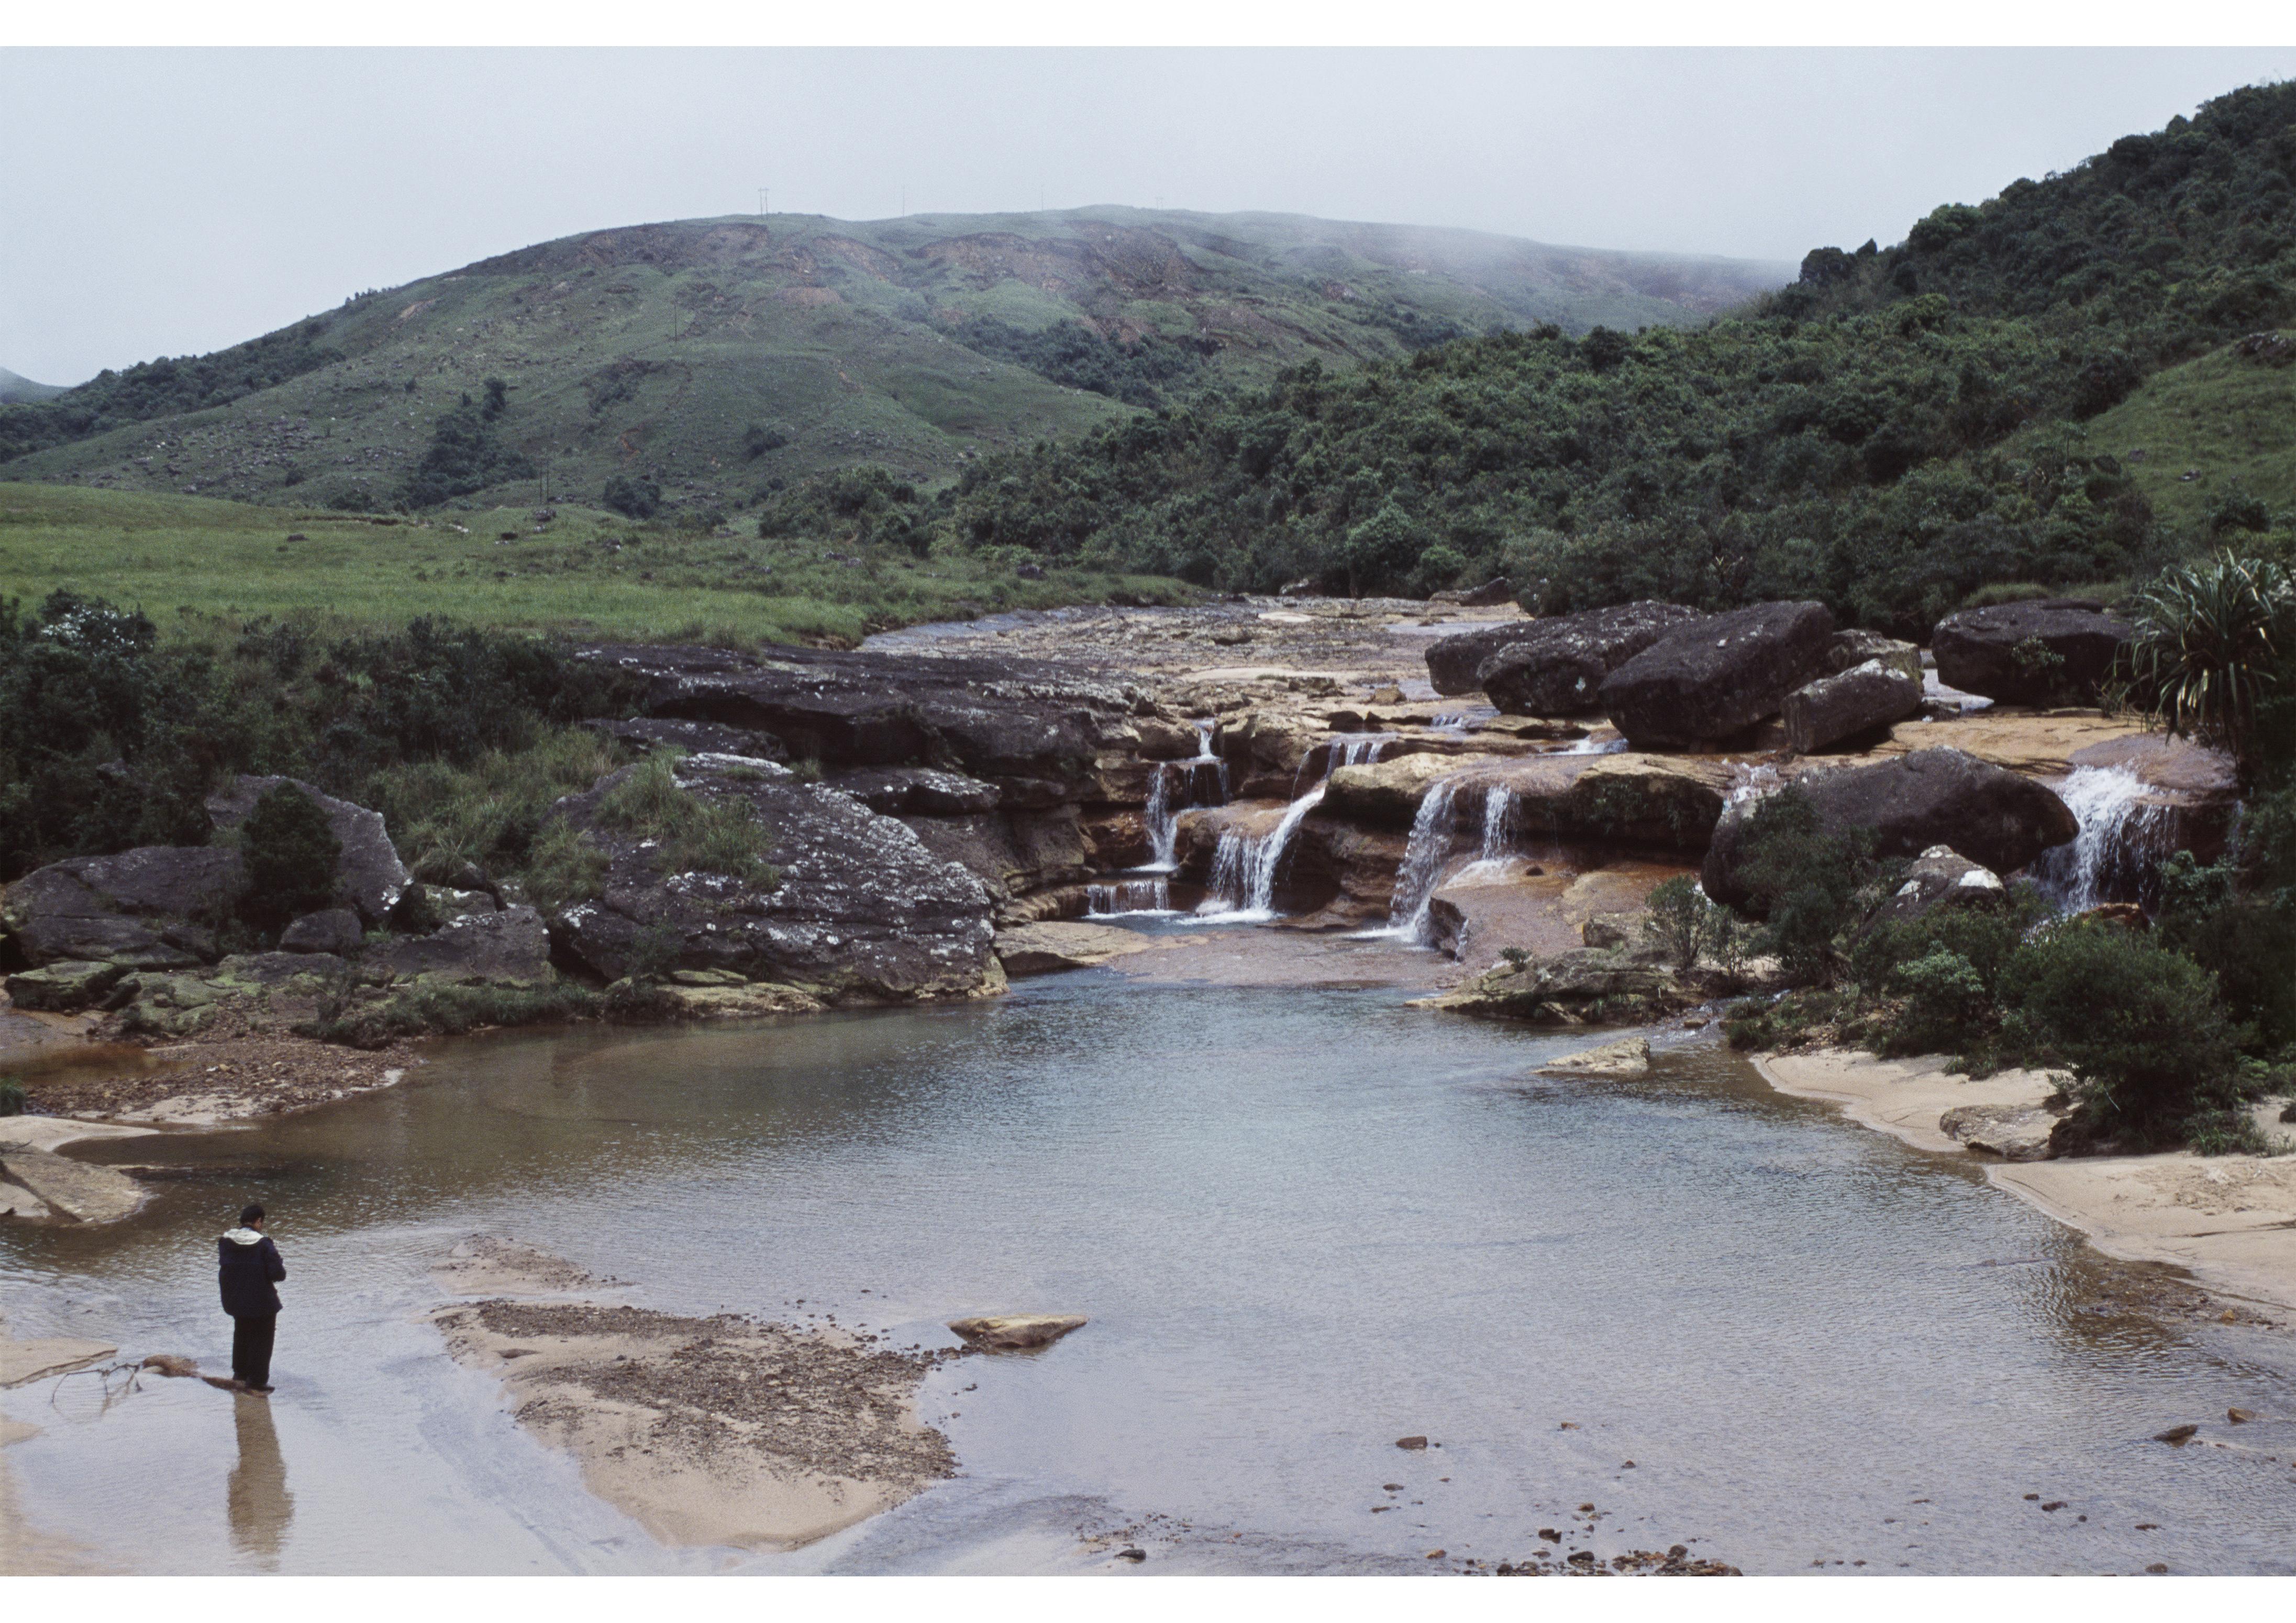 Scenic Beauty on Way to Cherrapunjee, Meghalaya